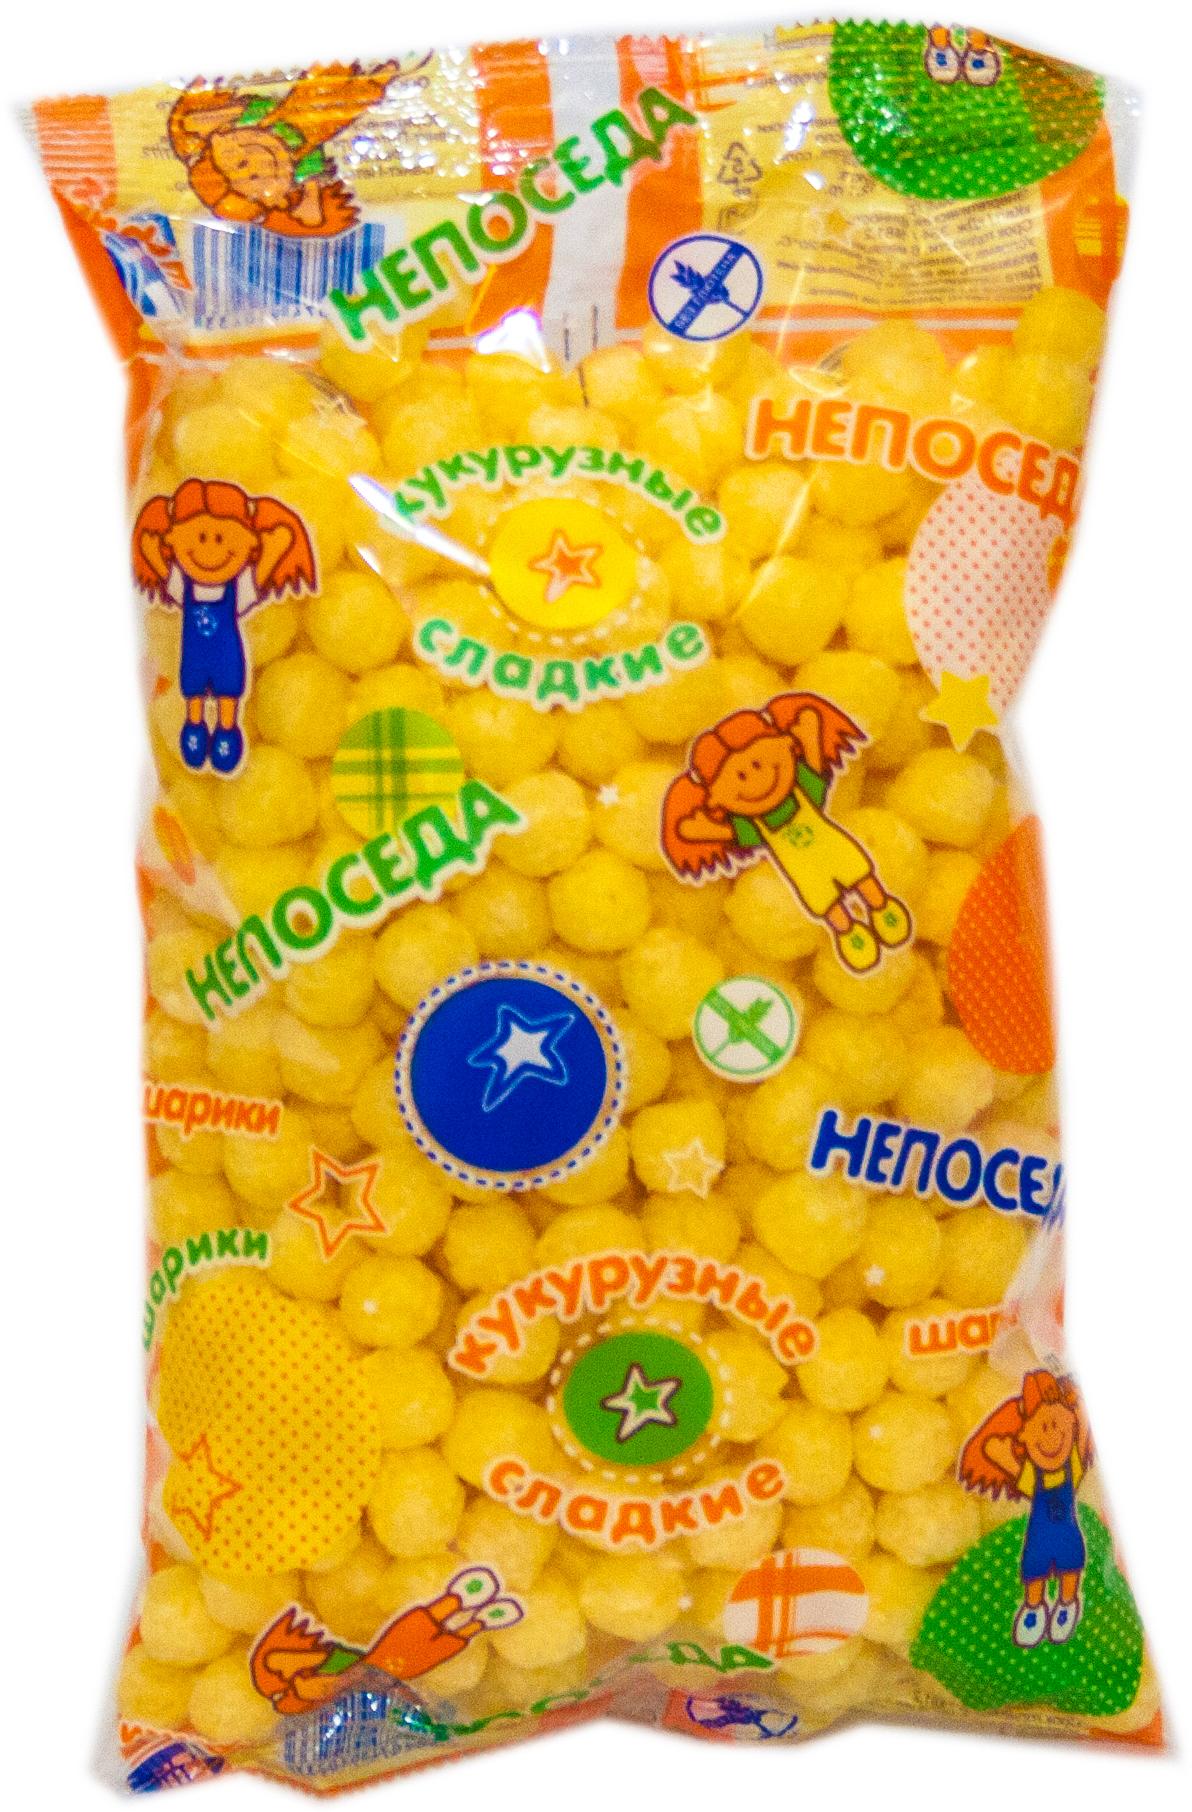 Непоседа шарики кукурузные с сахаром, 70 г Здоровей